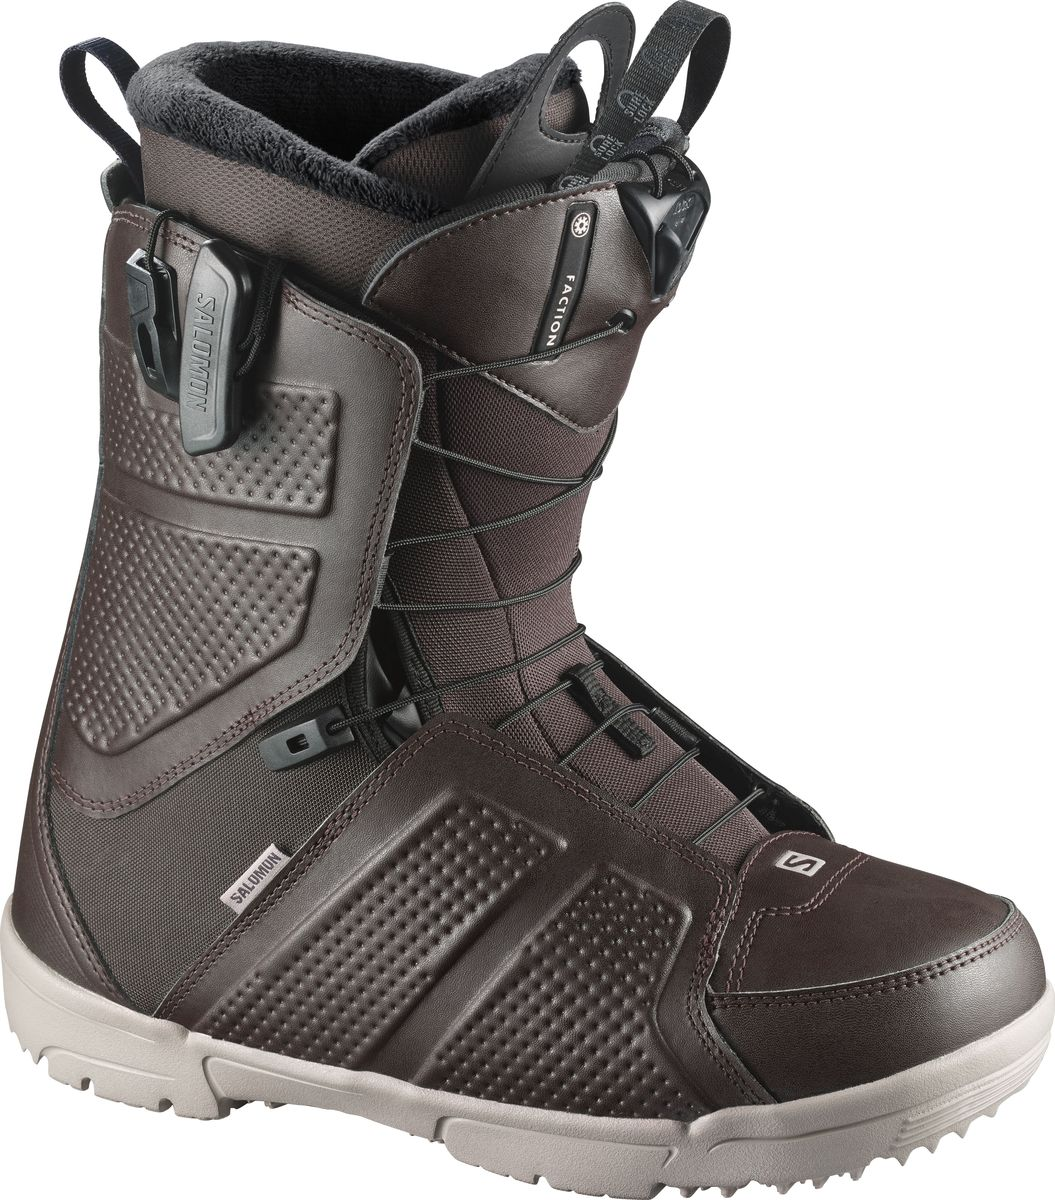 Ботинки для сноуборда Salomon Faction, цвет: коричневый, хаки. Размер 29,5 (45)L39952400Ни один ботинок в этом ценовом диапазоне не сравнится с Faction. Фирменная ДНК Salomon - посадка, отзывчивость и долговечность, лучшая покупка десятилетия.